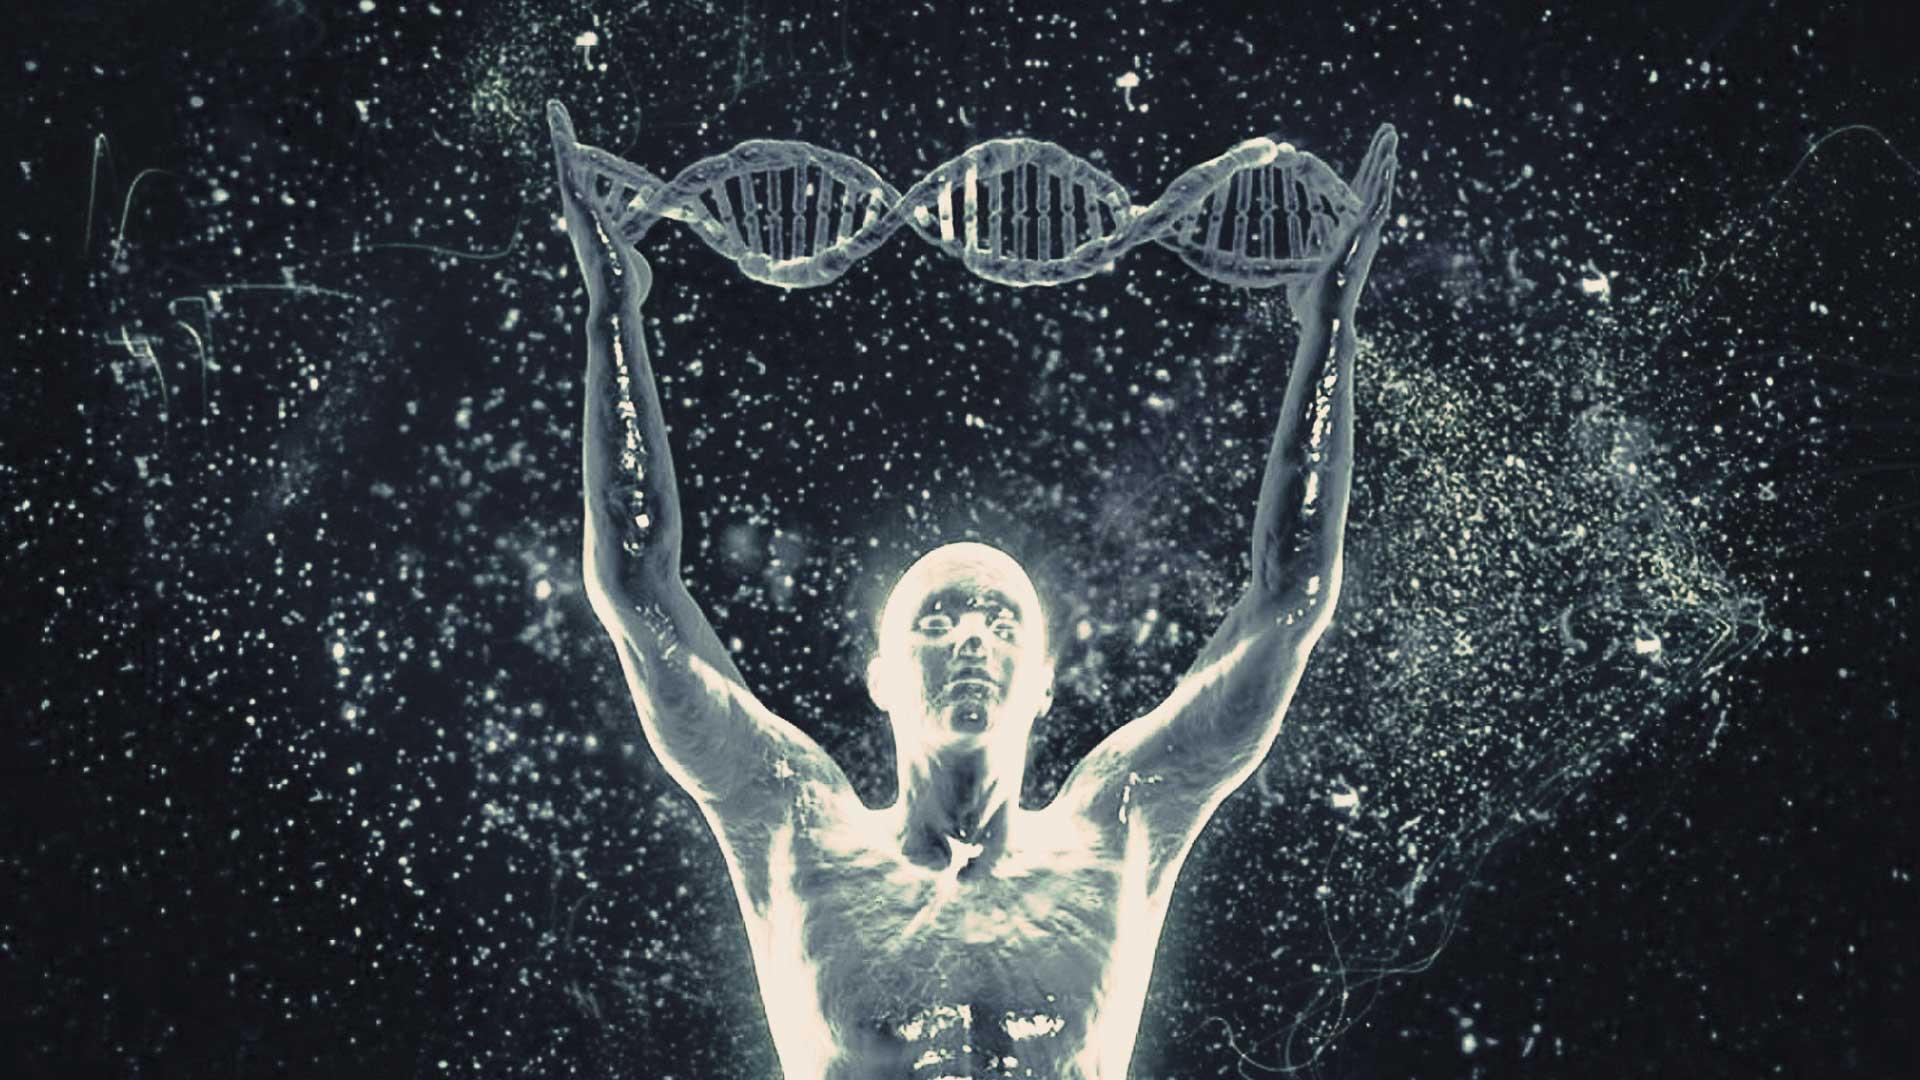 Científicos aseguran haber encontrado un mensaje de Dios escrito en el ADN humano